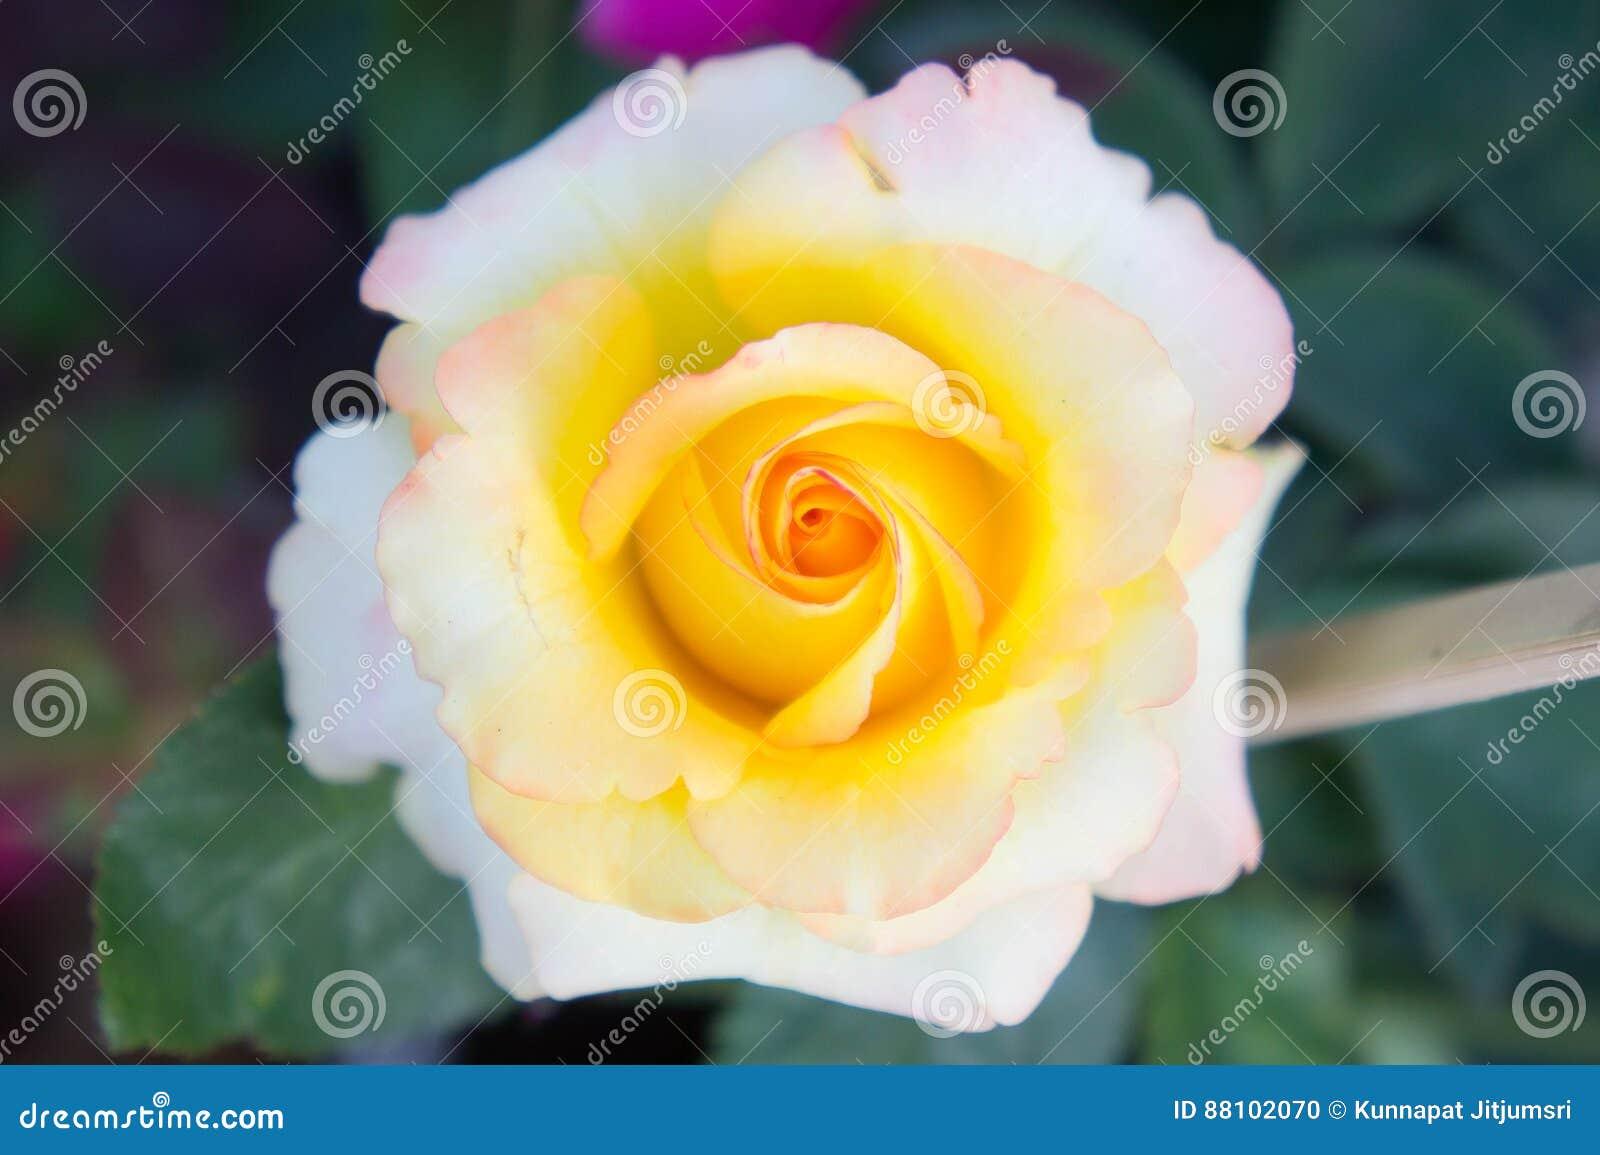 Rosen Färben Blumen Im Garten, Gelbe Schöne Blumen Gelb Stockfoto ...